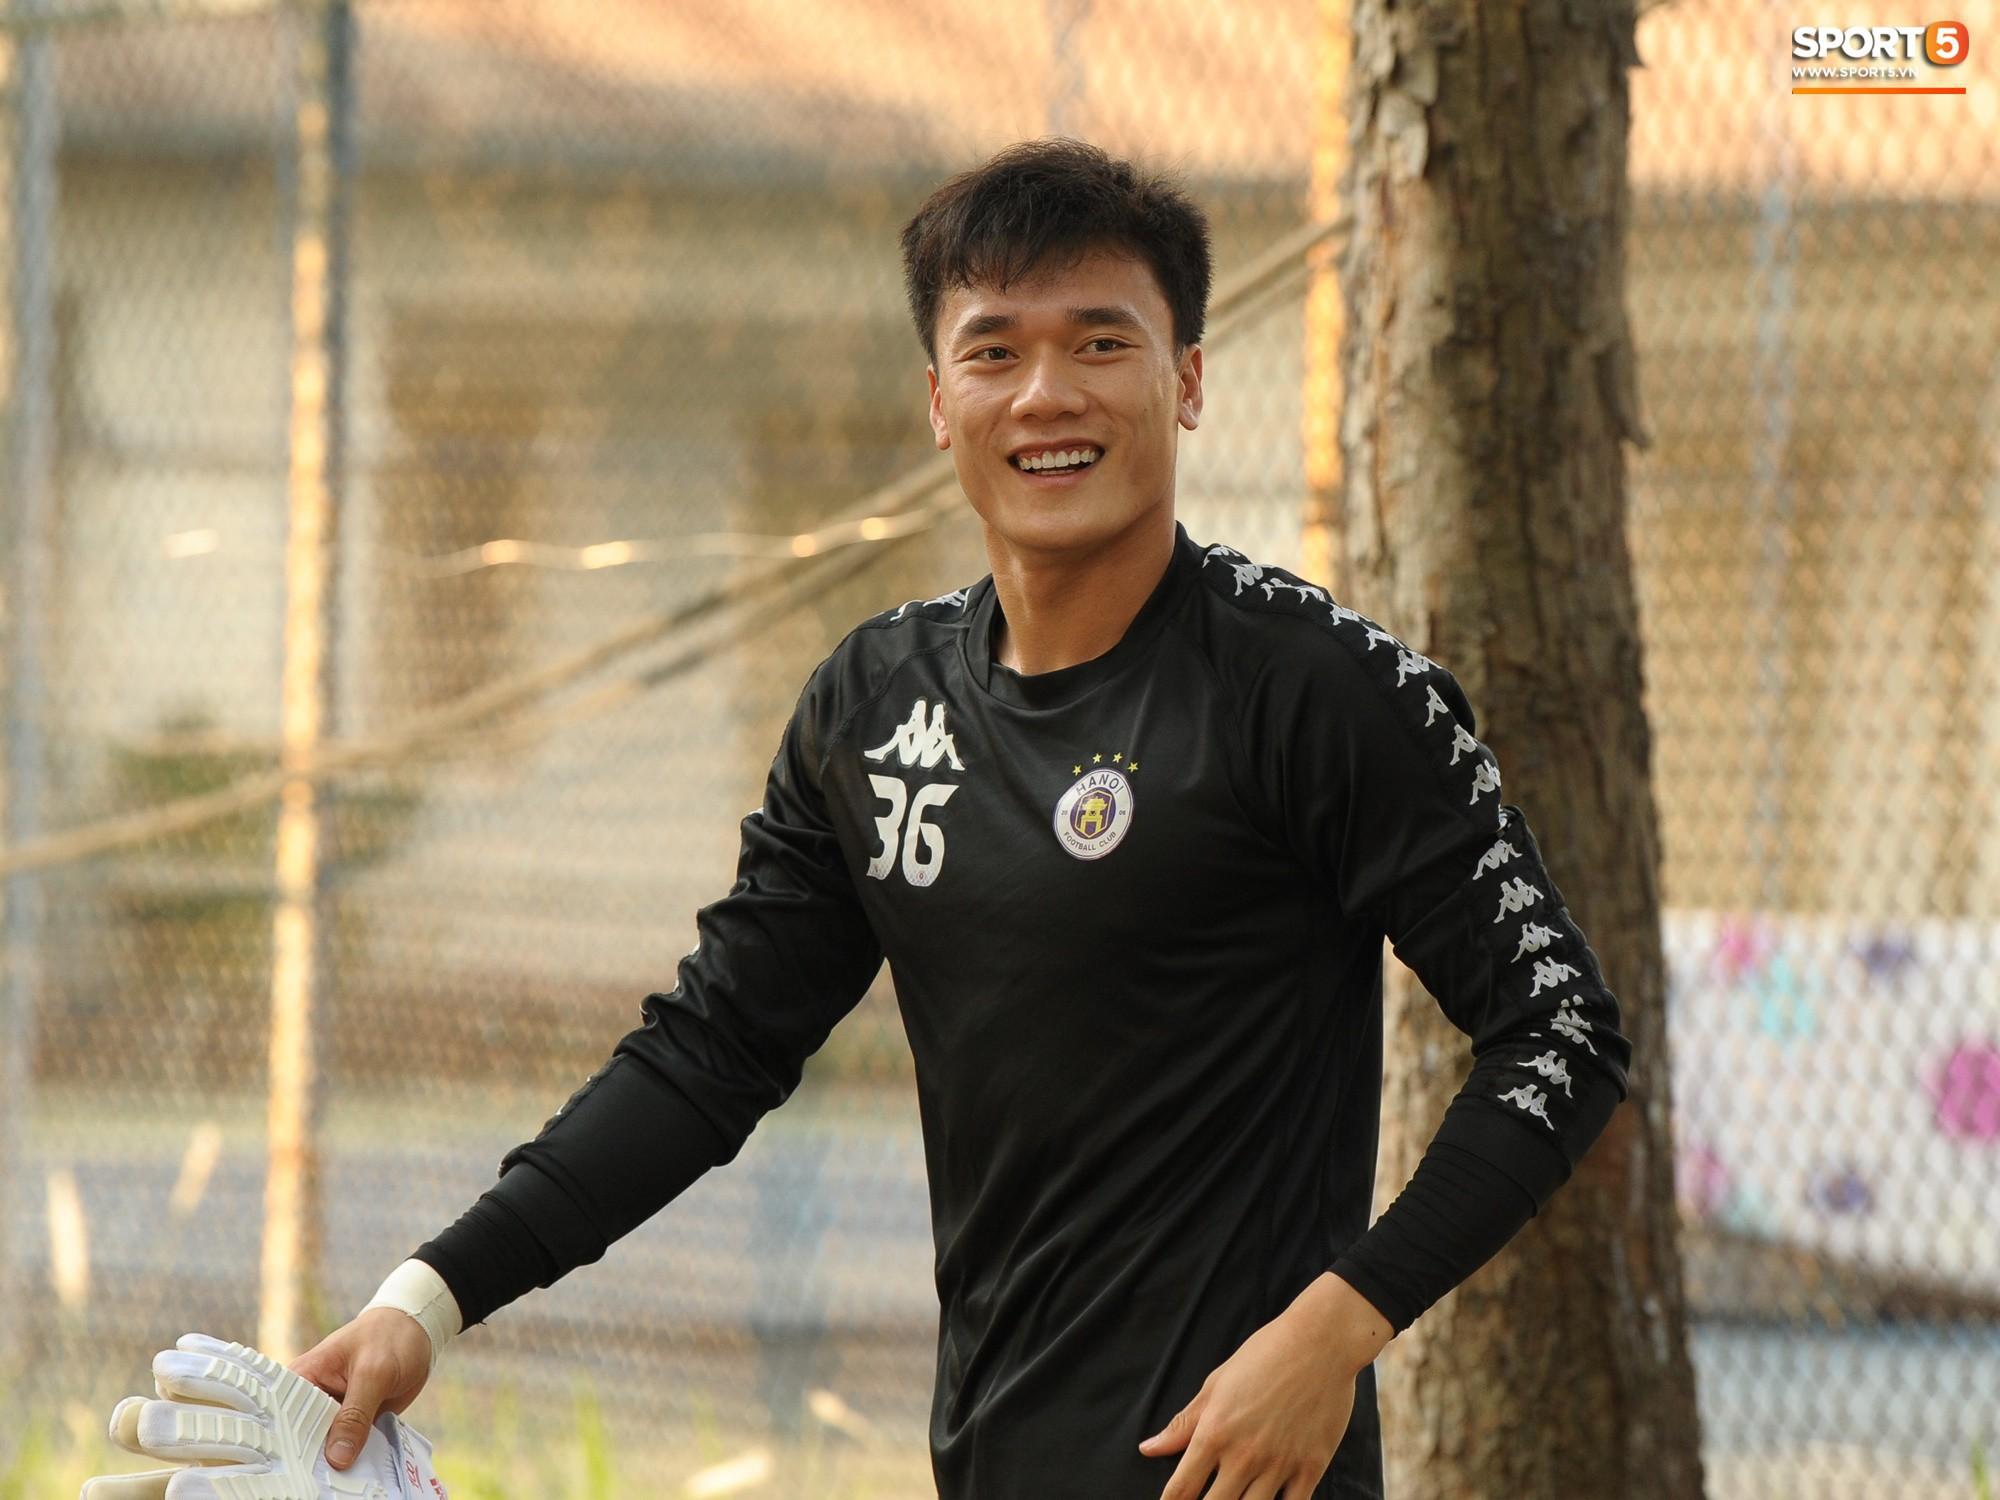 Thủ môn Bùi Tiến Dũng lần đầu tiên bắt chính cho Hà Nội FC, đối đầu với em trai và bạn thân Hà Đức Chinh - Ảnh 1.